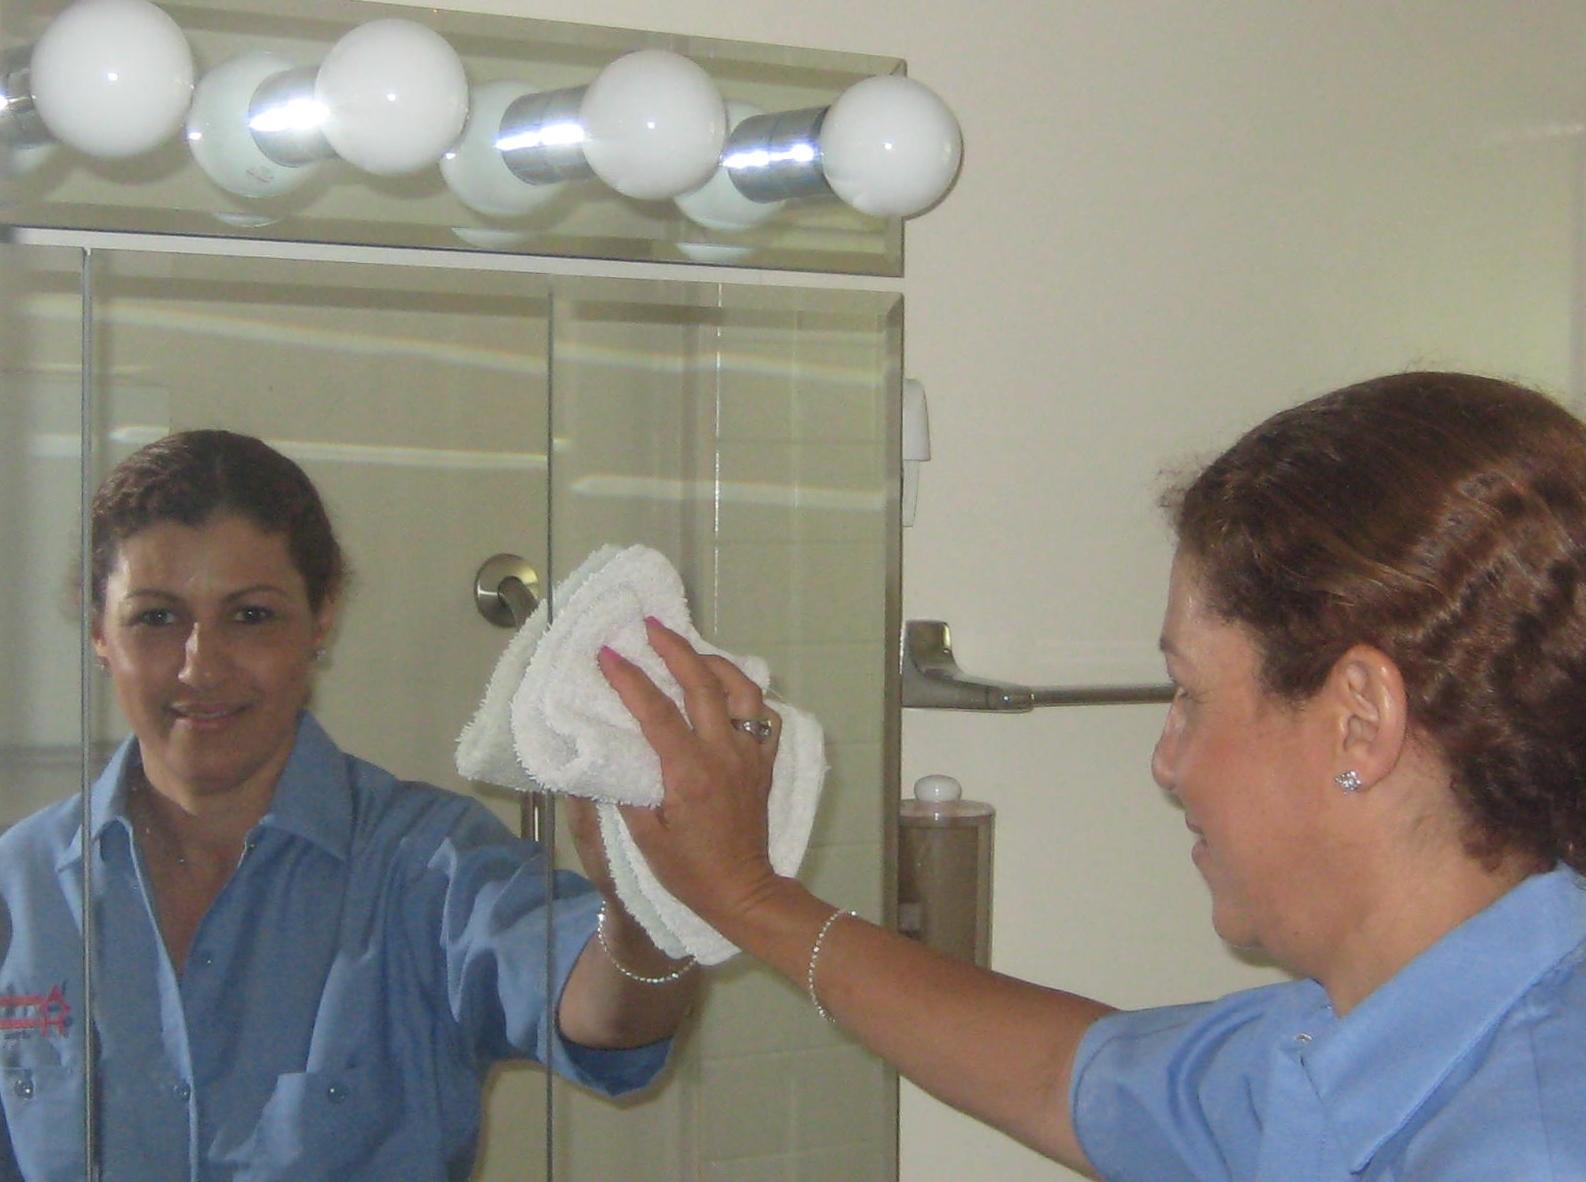 American Housekeeping of Utah image 4